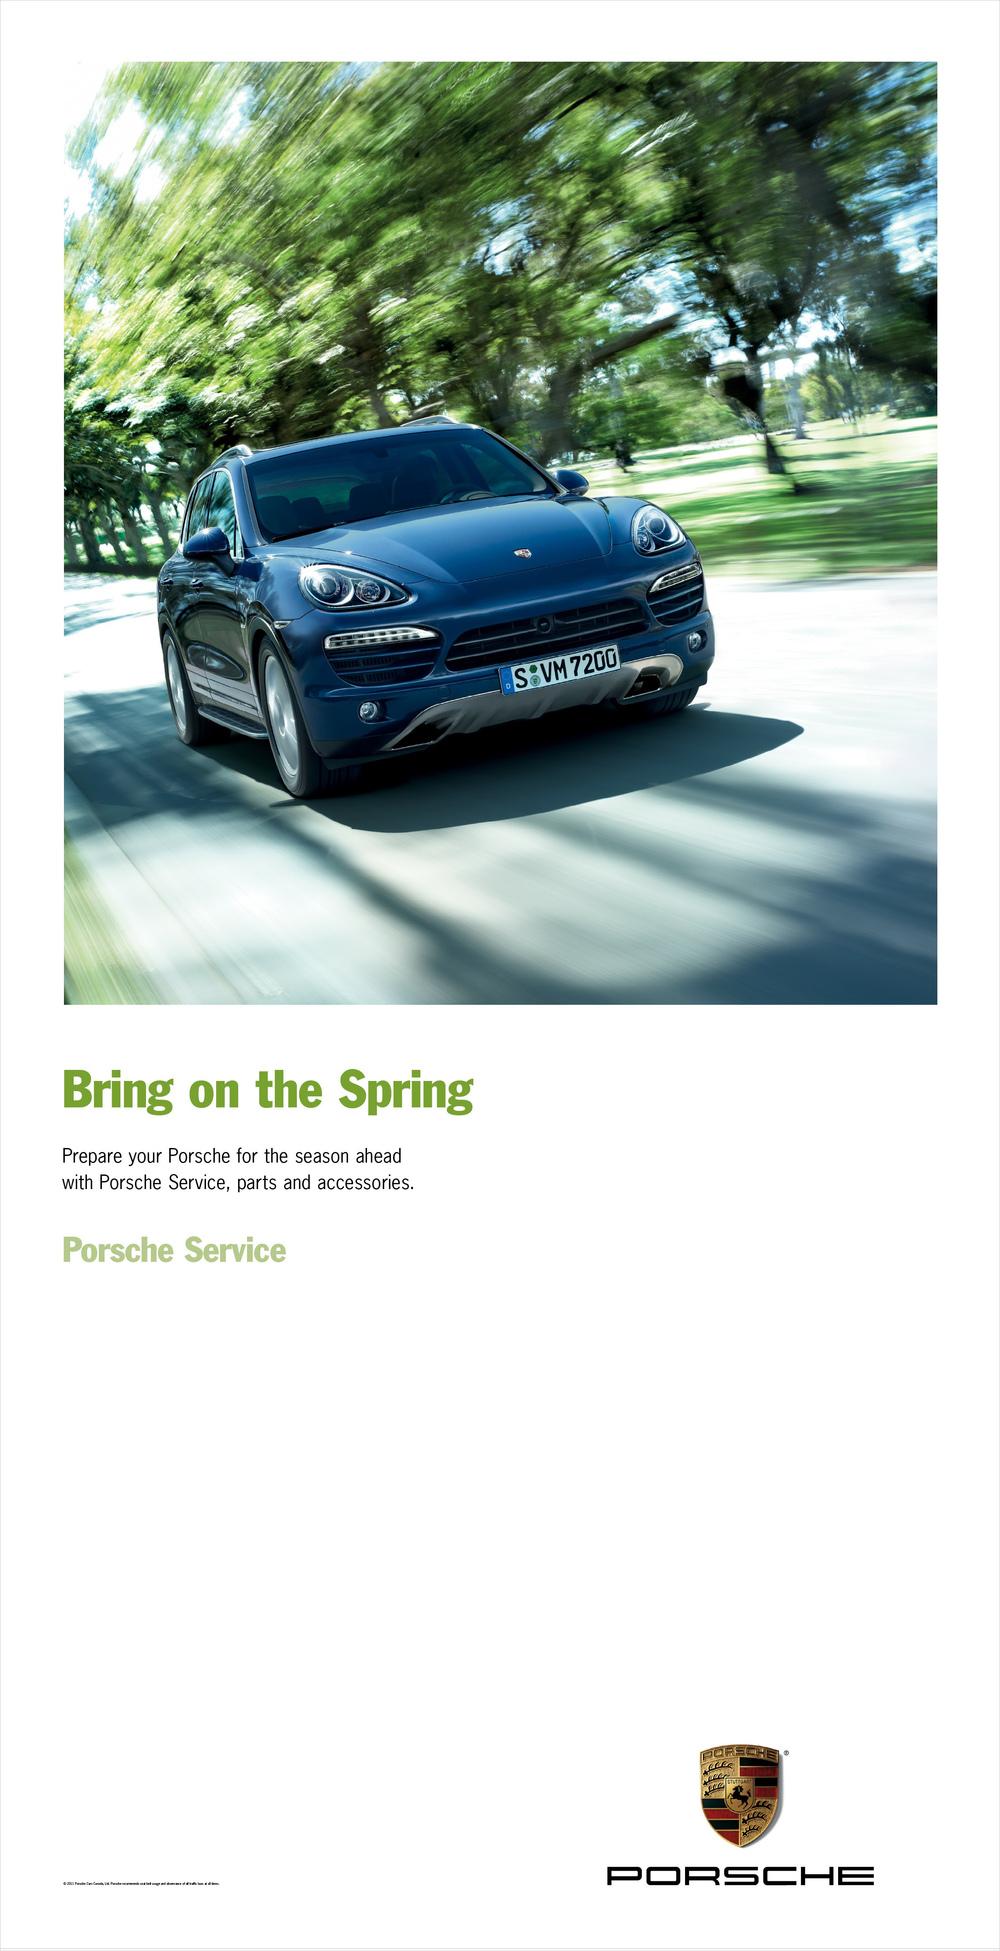 Porsche_spring_POP02-08_1.jpg